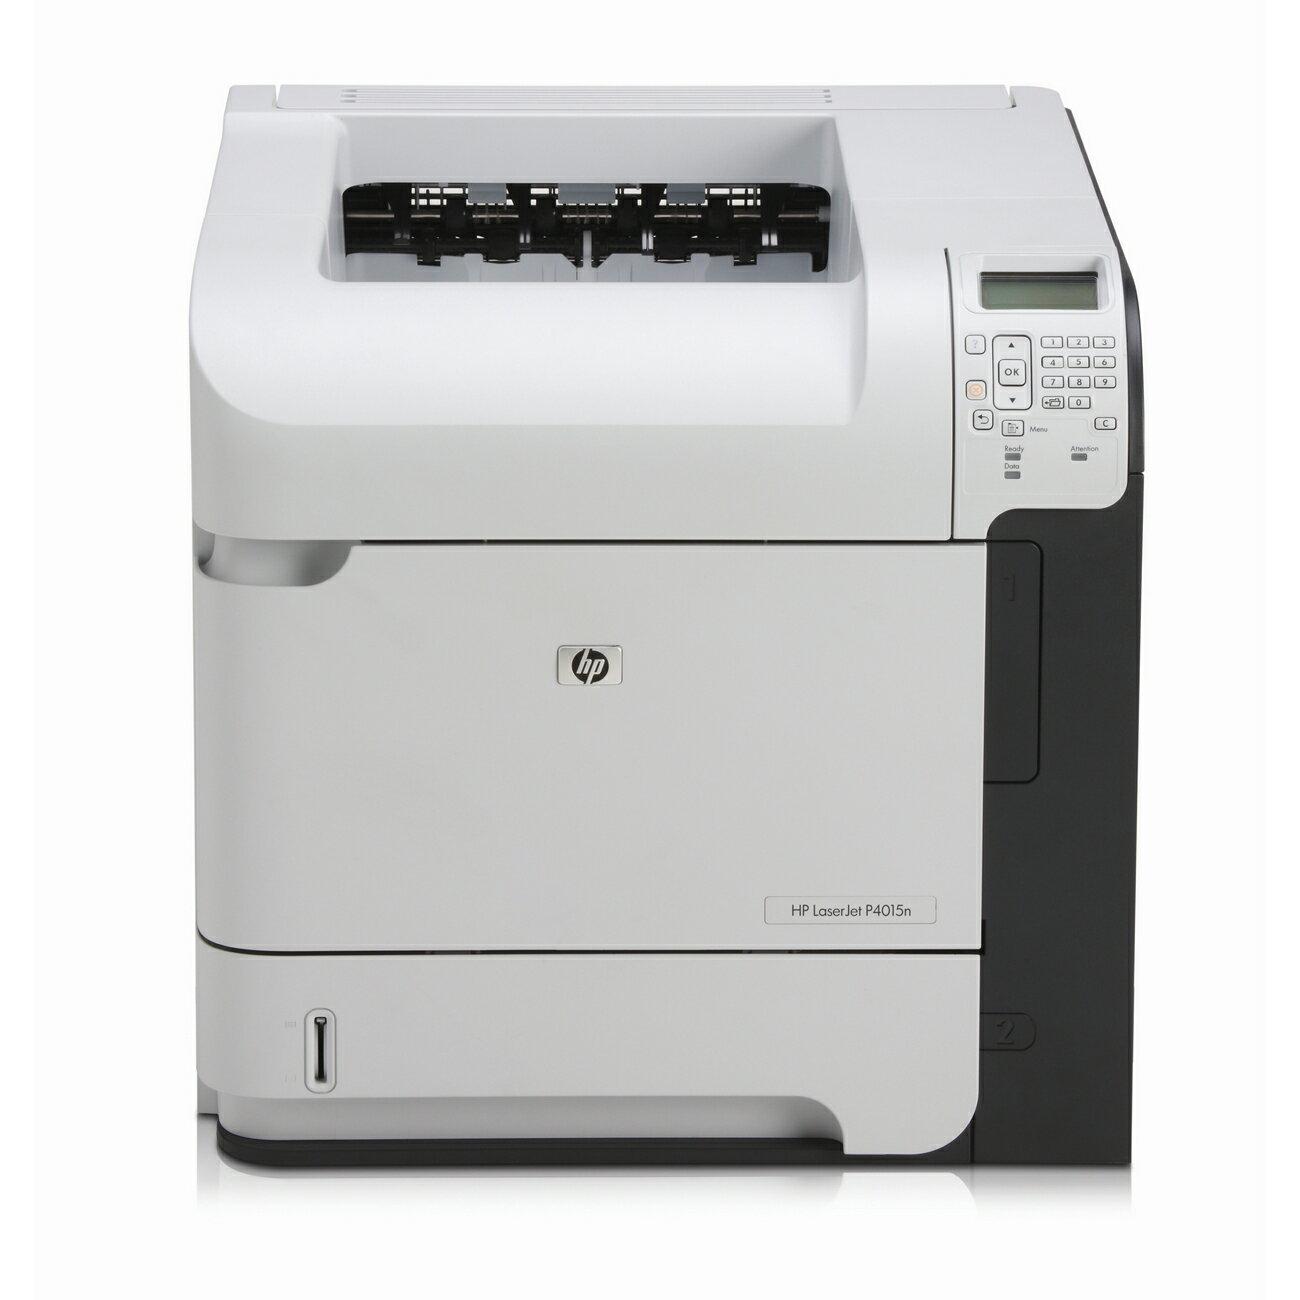 Refurbished HP LaserJet P4515n Printer 0